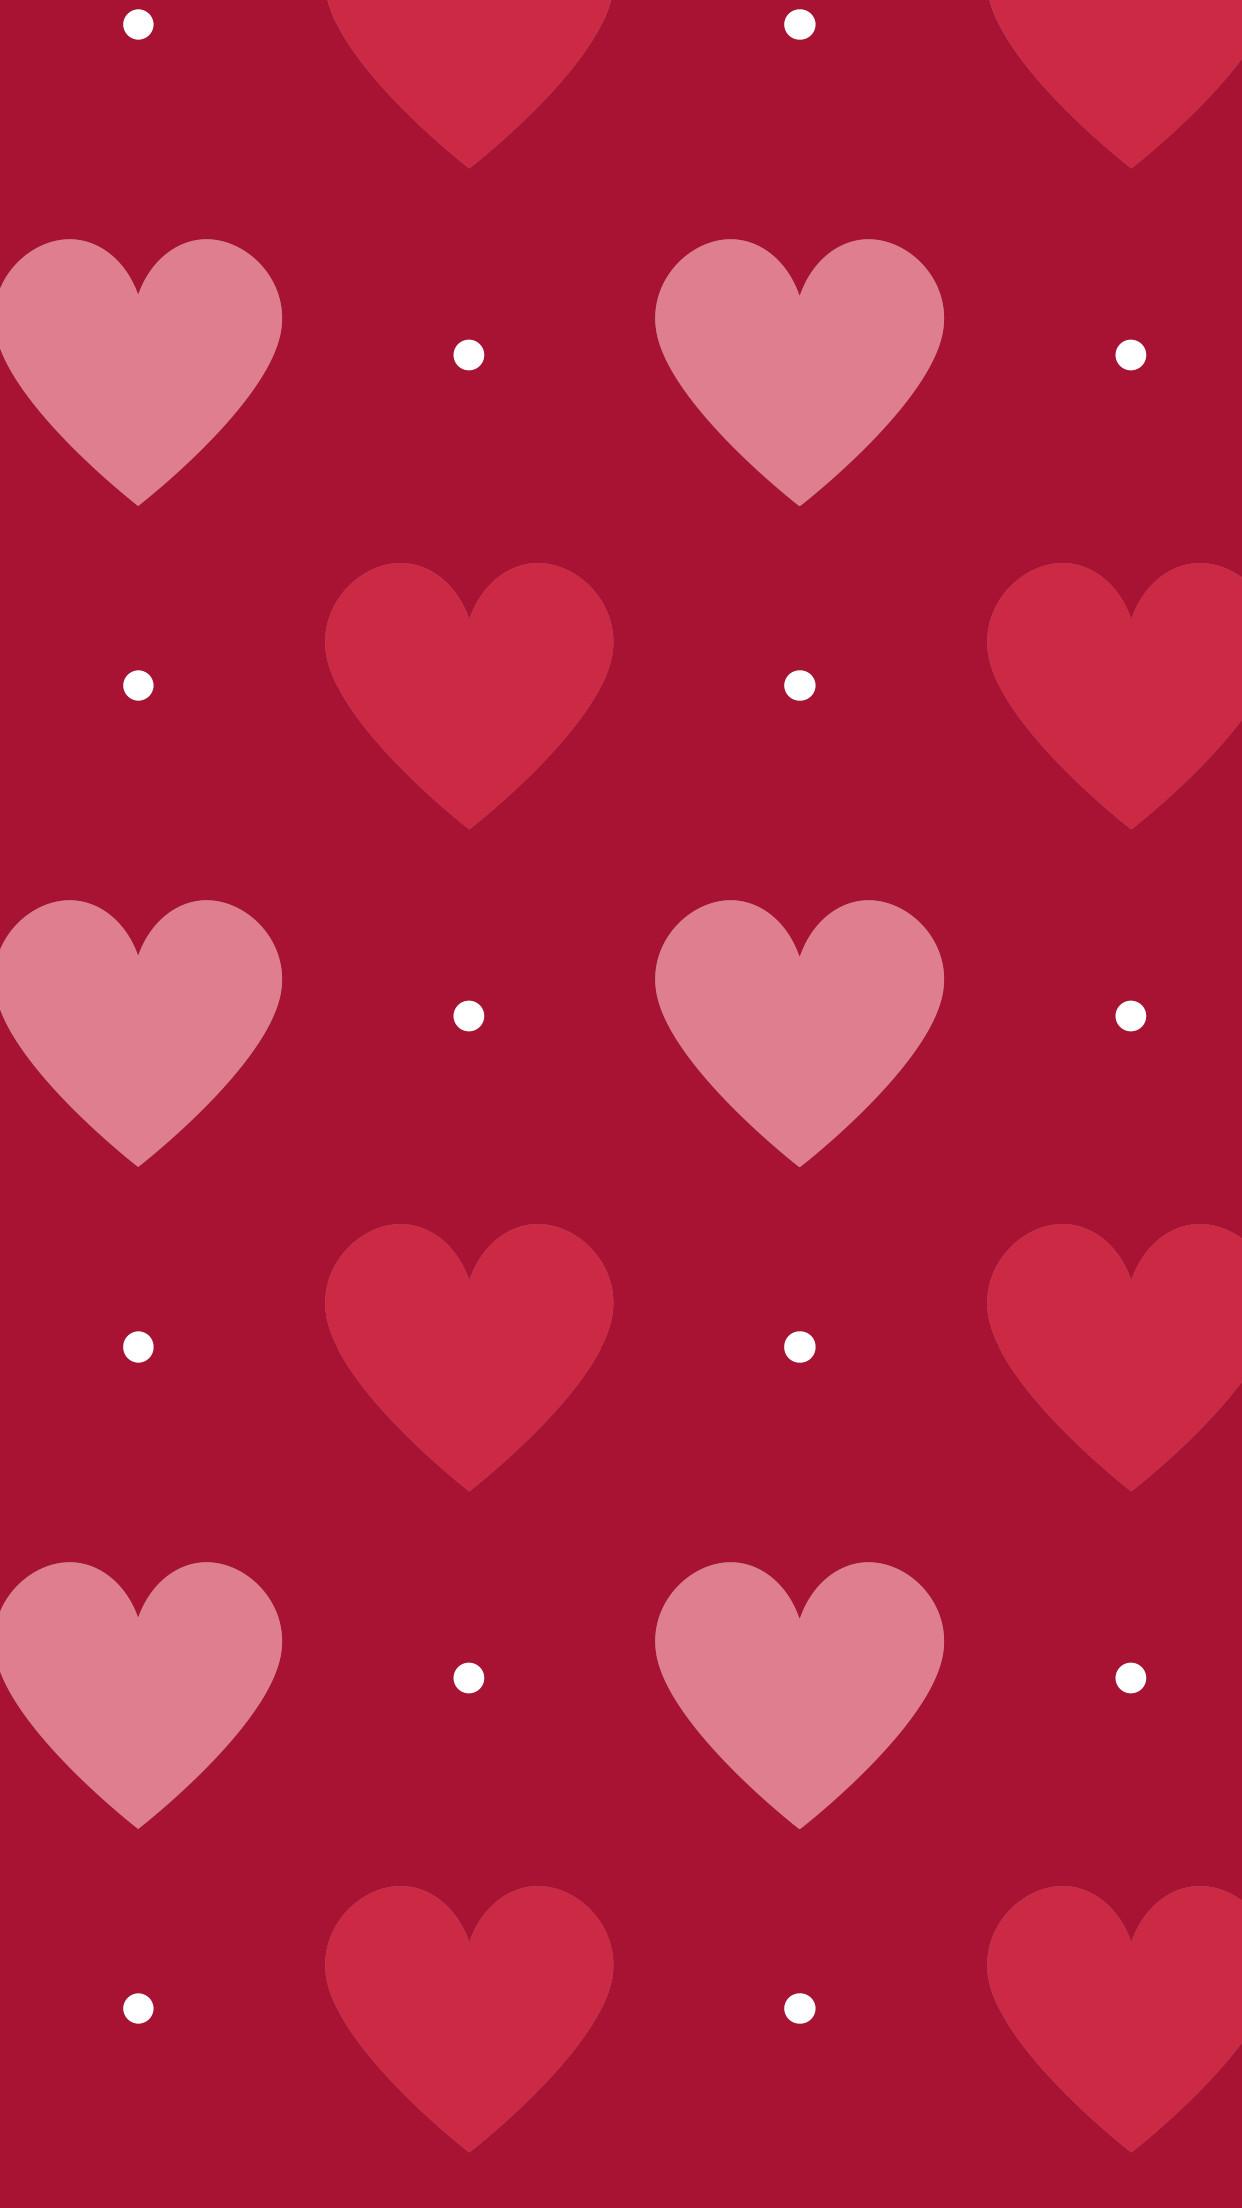 Queen Of Hearts Wallpaper (64+ Images